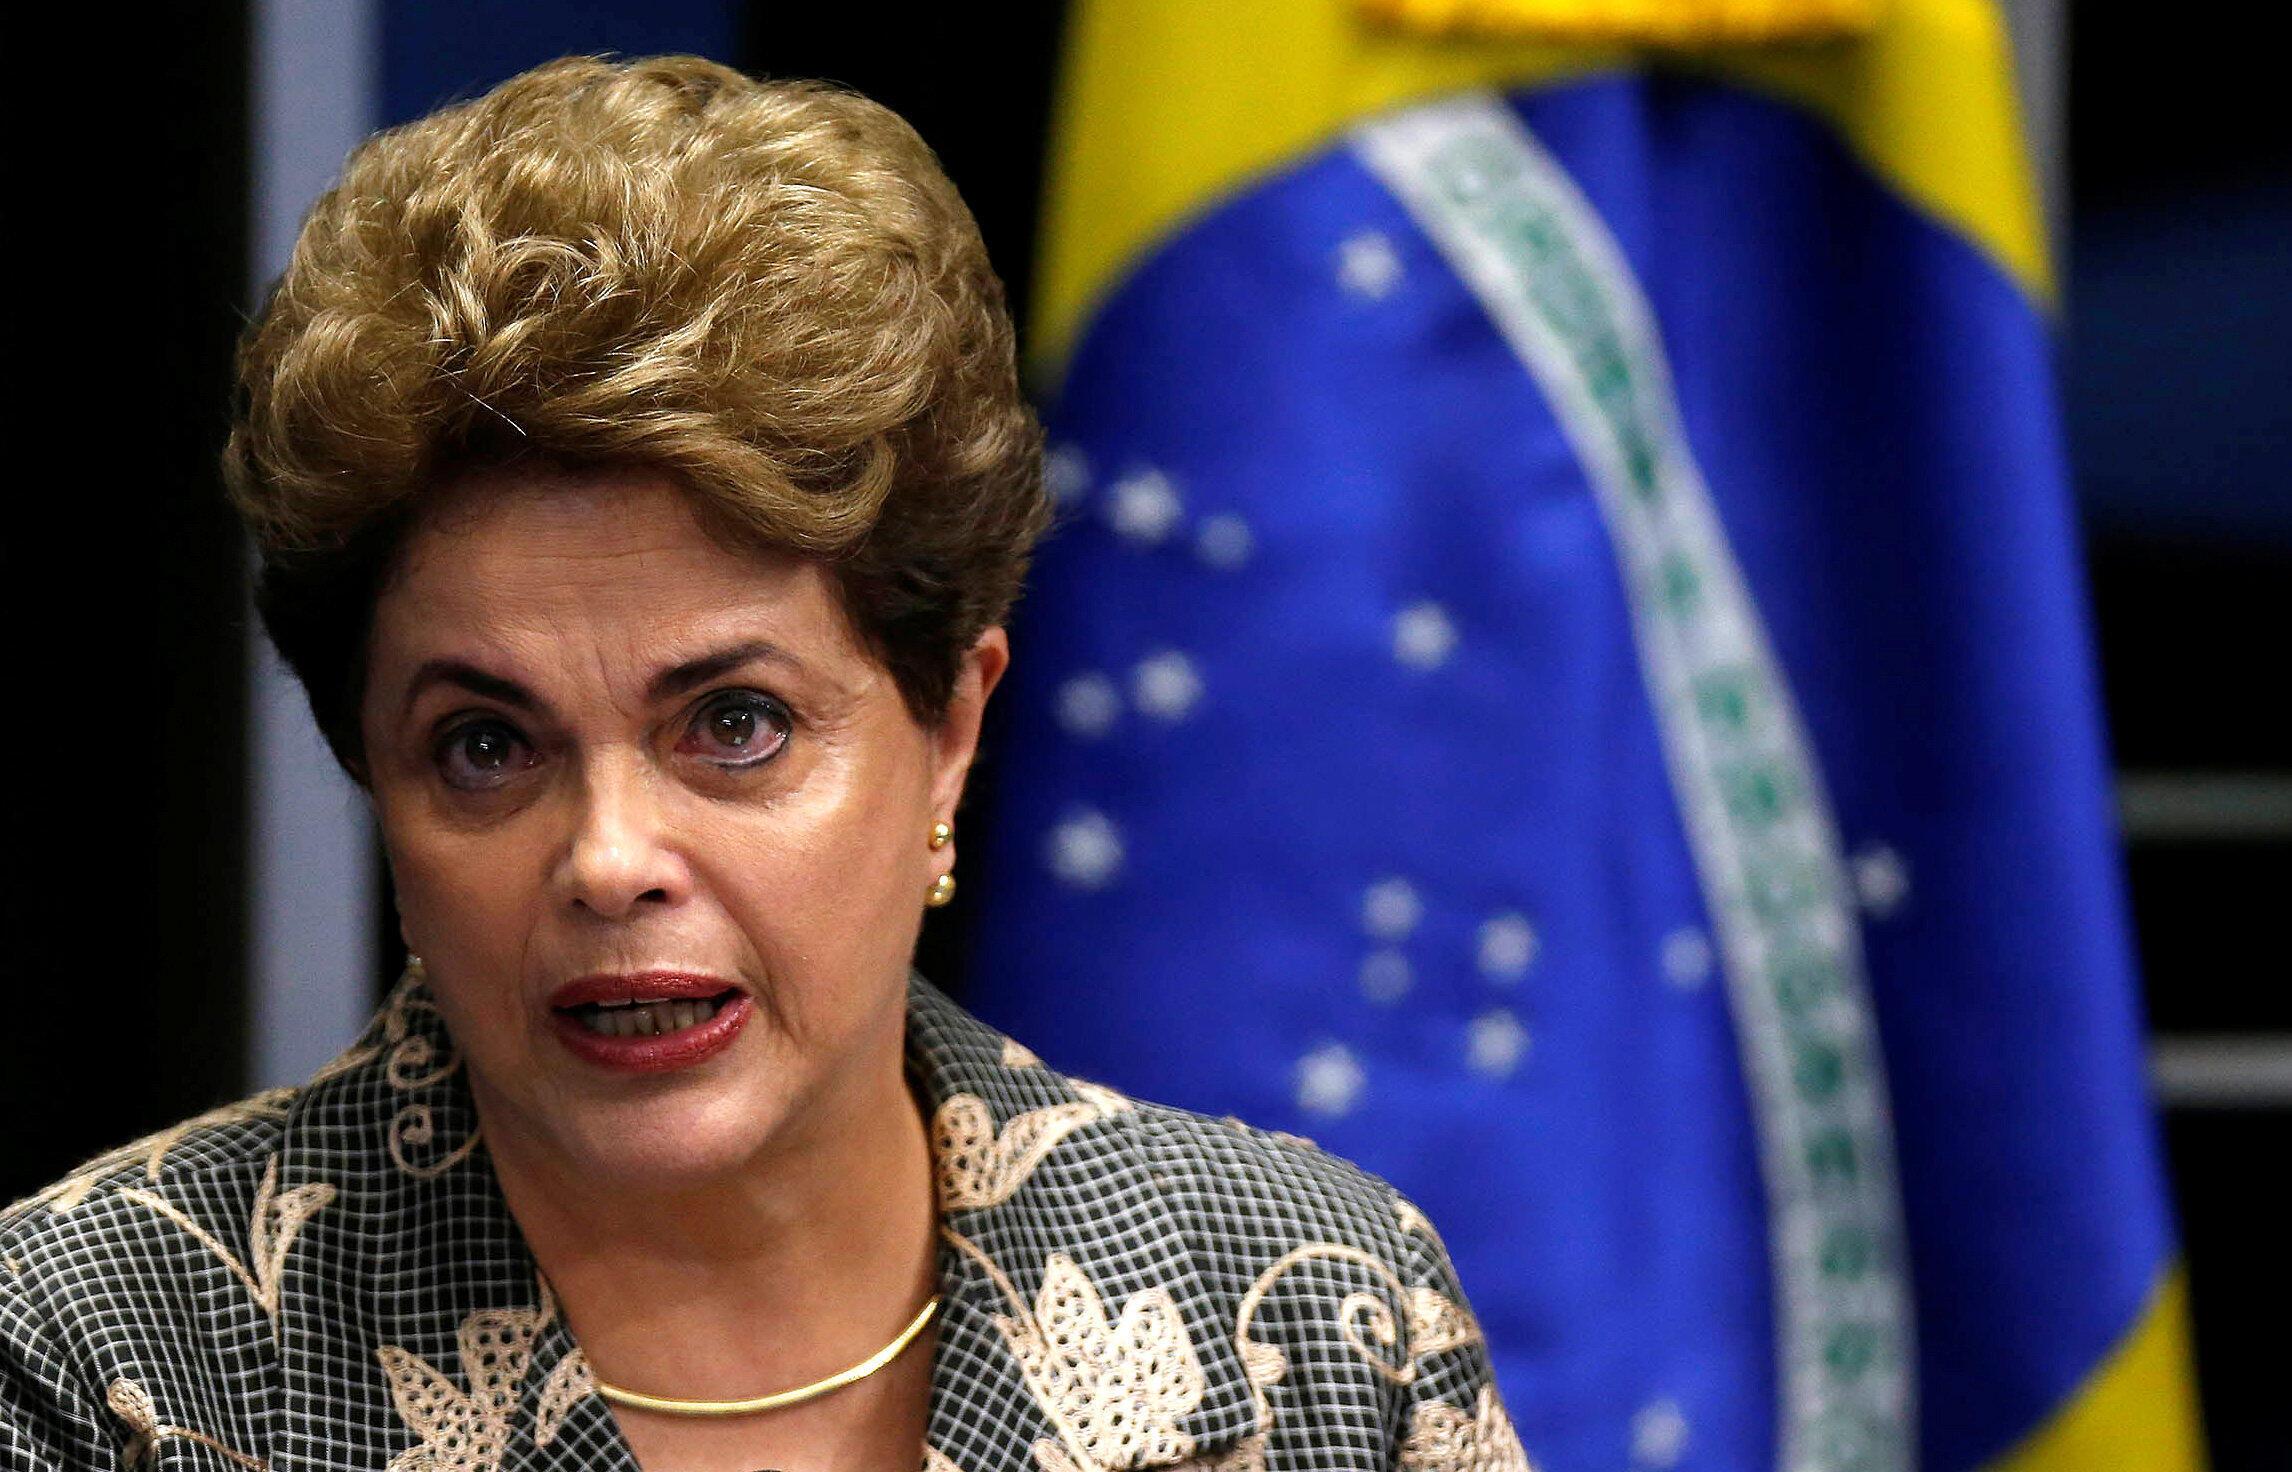 La présidente brésilienne Dilma Rousseff, lundi 29 août au Sénat, pour défendre sa cause avant le vote sur sa destitution.